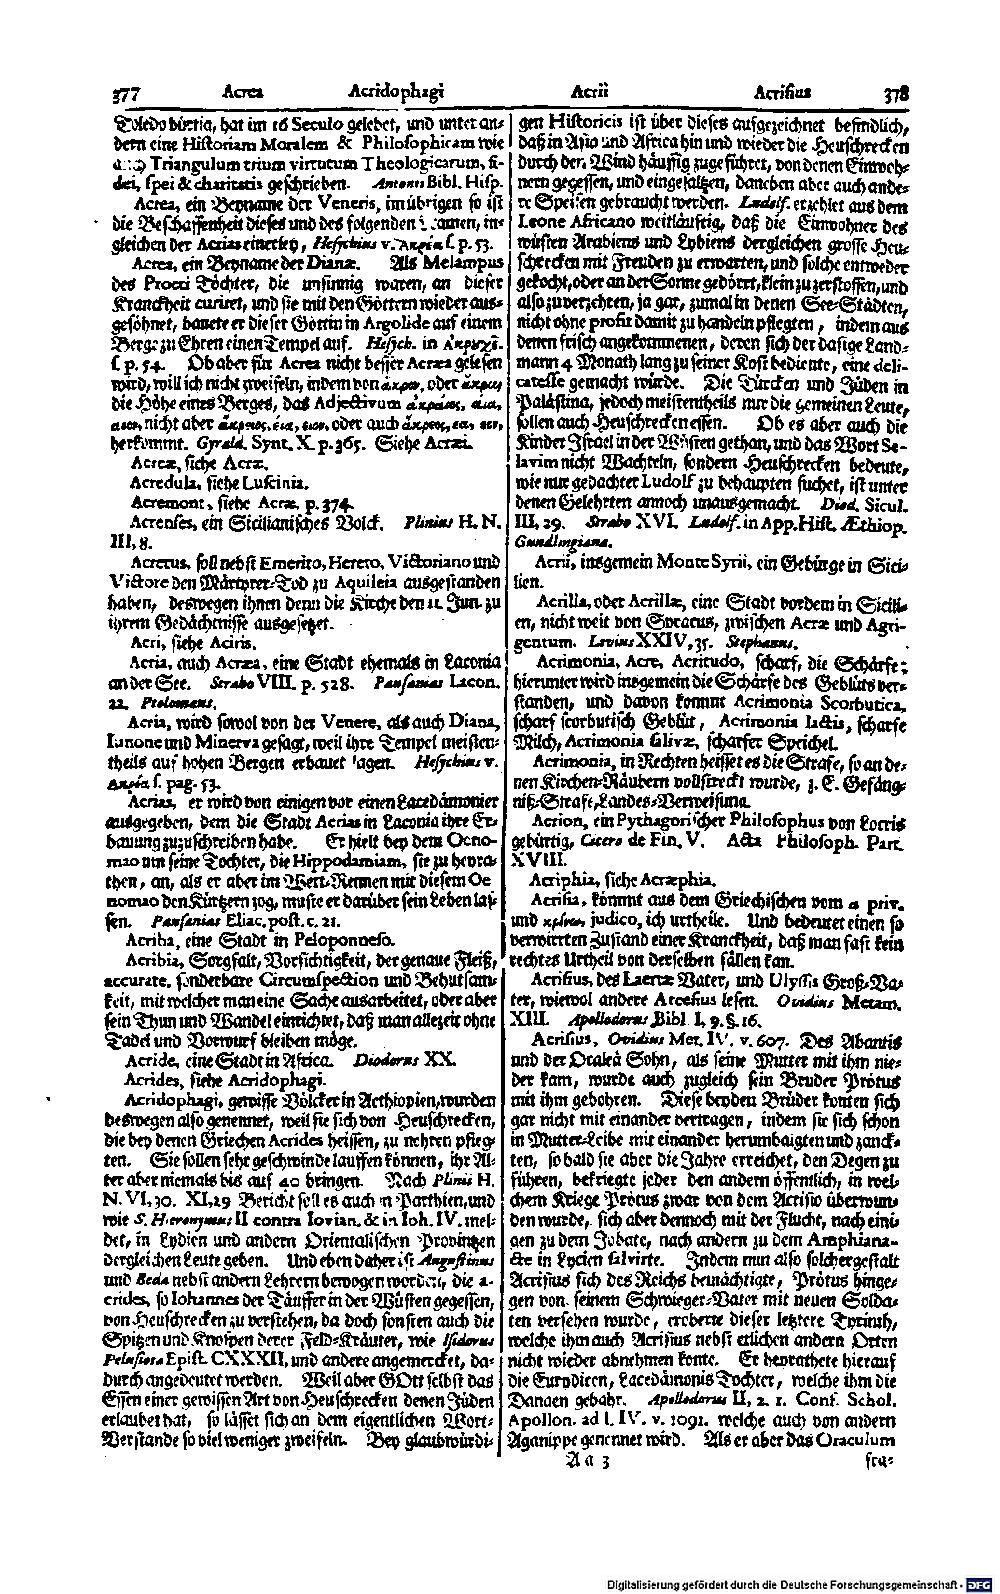 Bd. 01, Seite 0228.